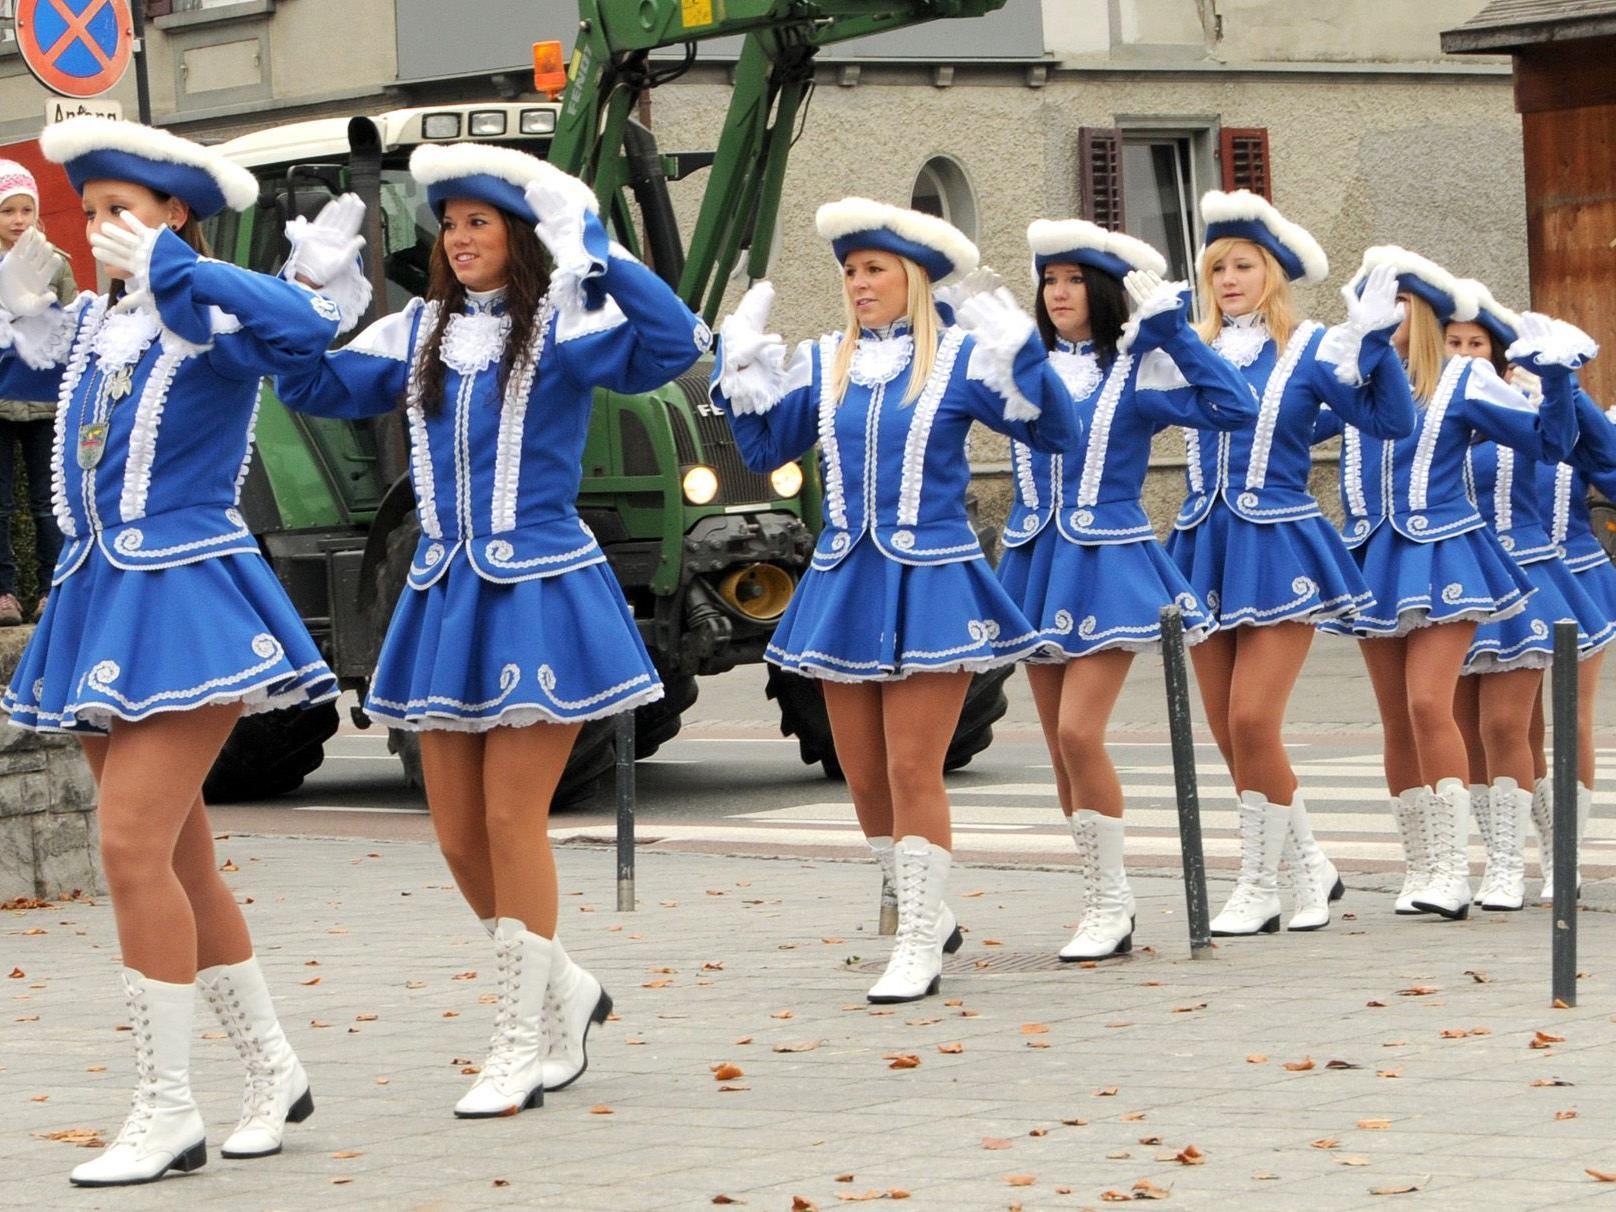 Am Sonntag, den 11.11., marschiert auch die Höchster Garde auf dem Kirchplatz auf.